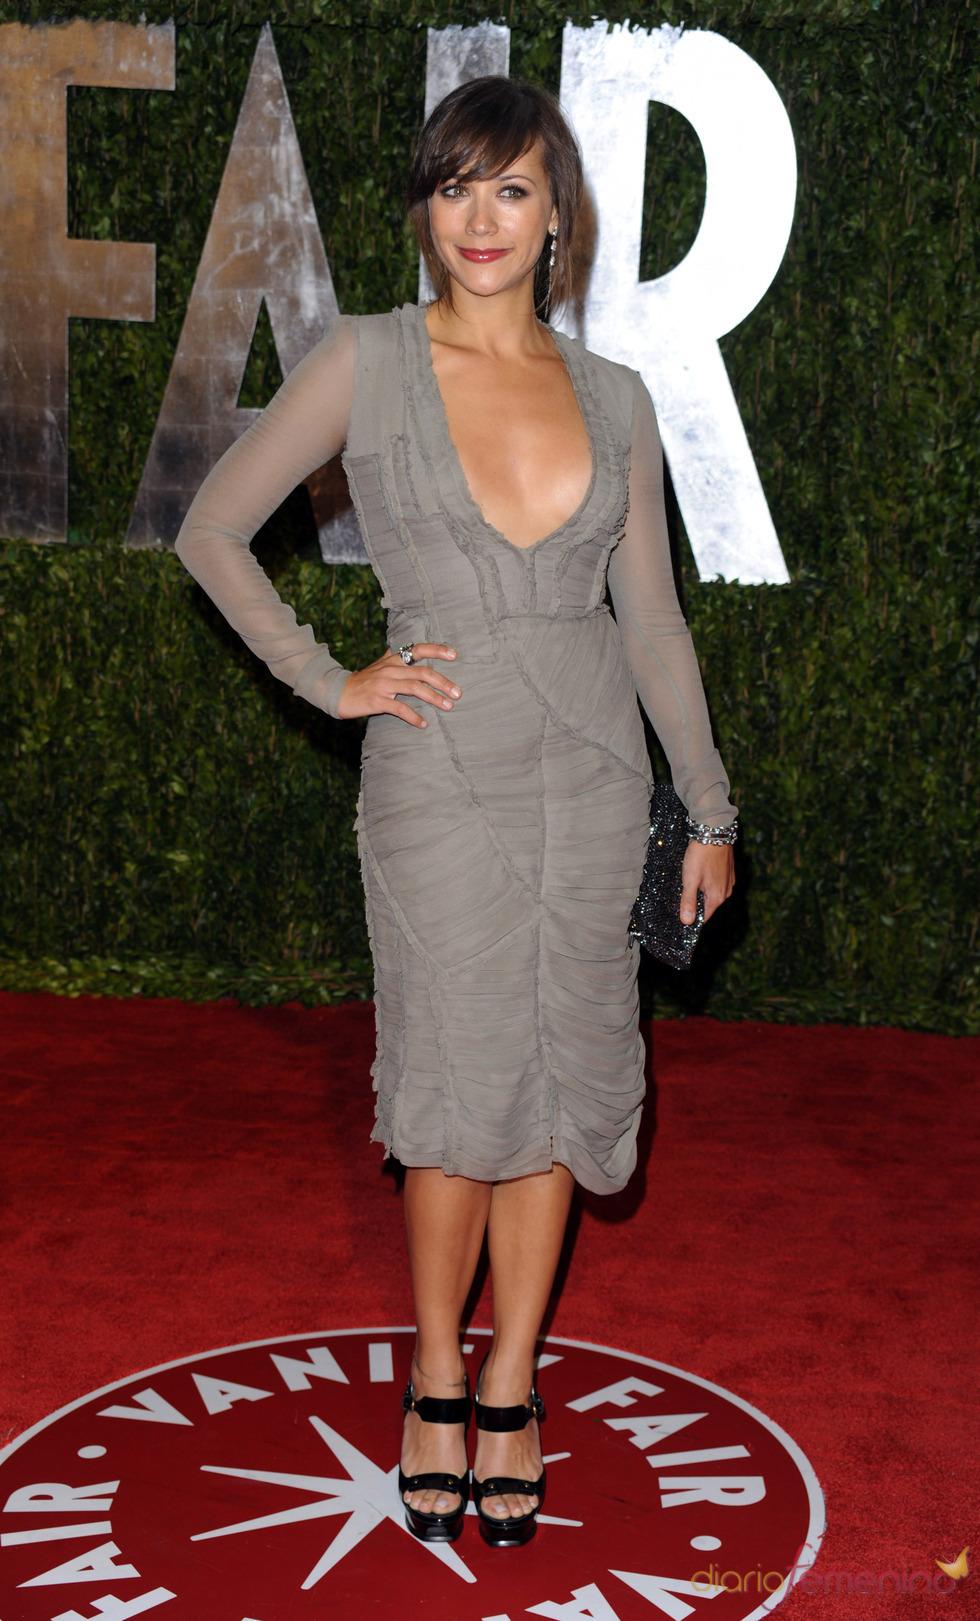 Rashida Jones en la fiesta Vanity Fair Oscar 2010